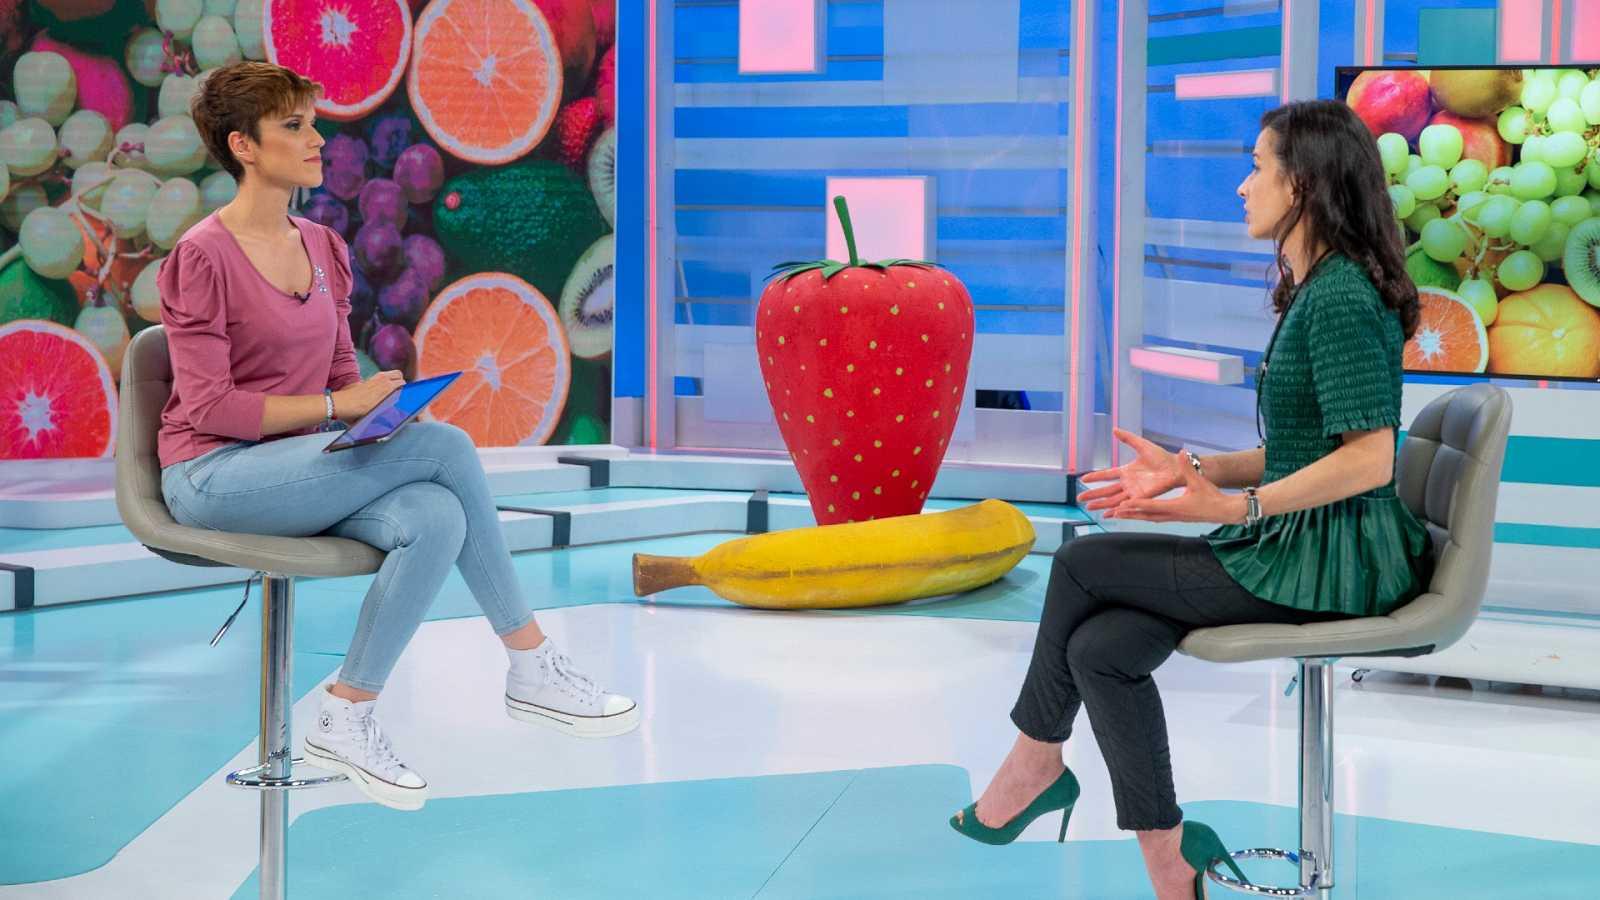 ¿La fruta tiene mucho azúcar?